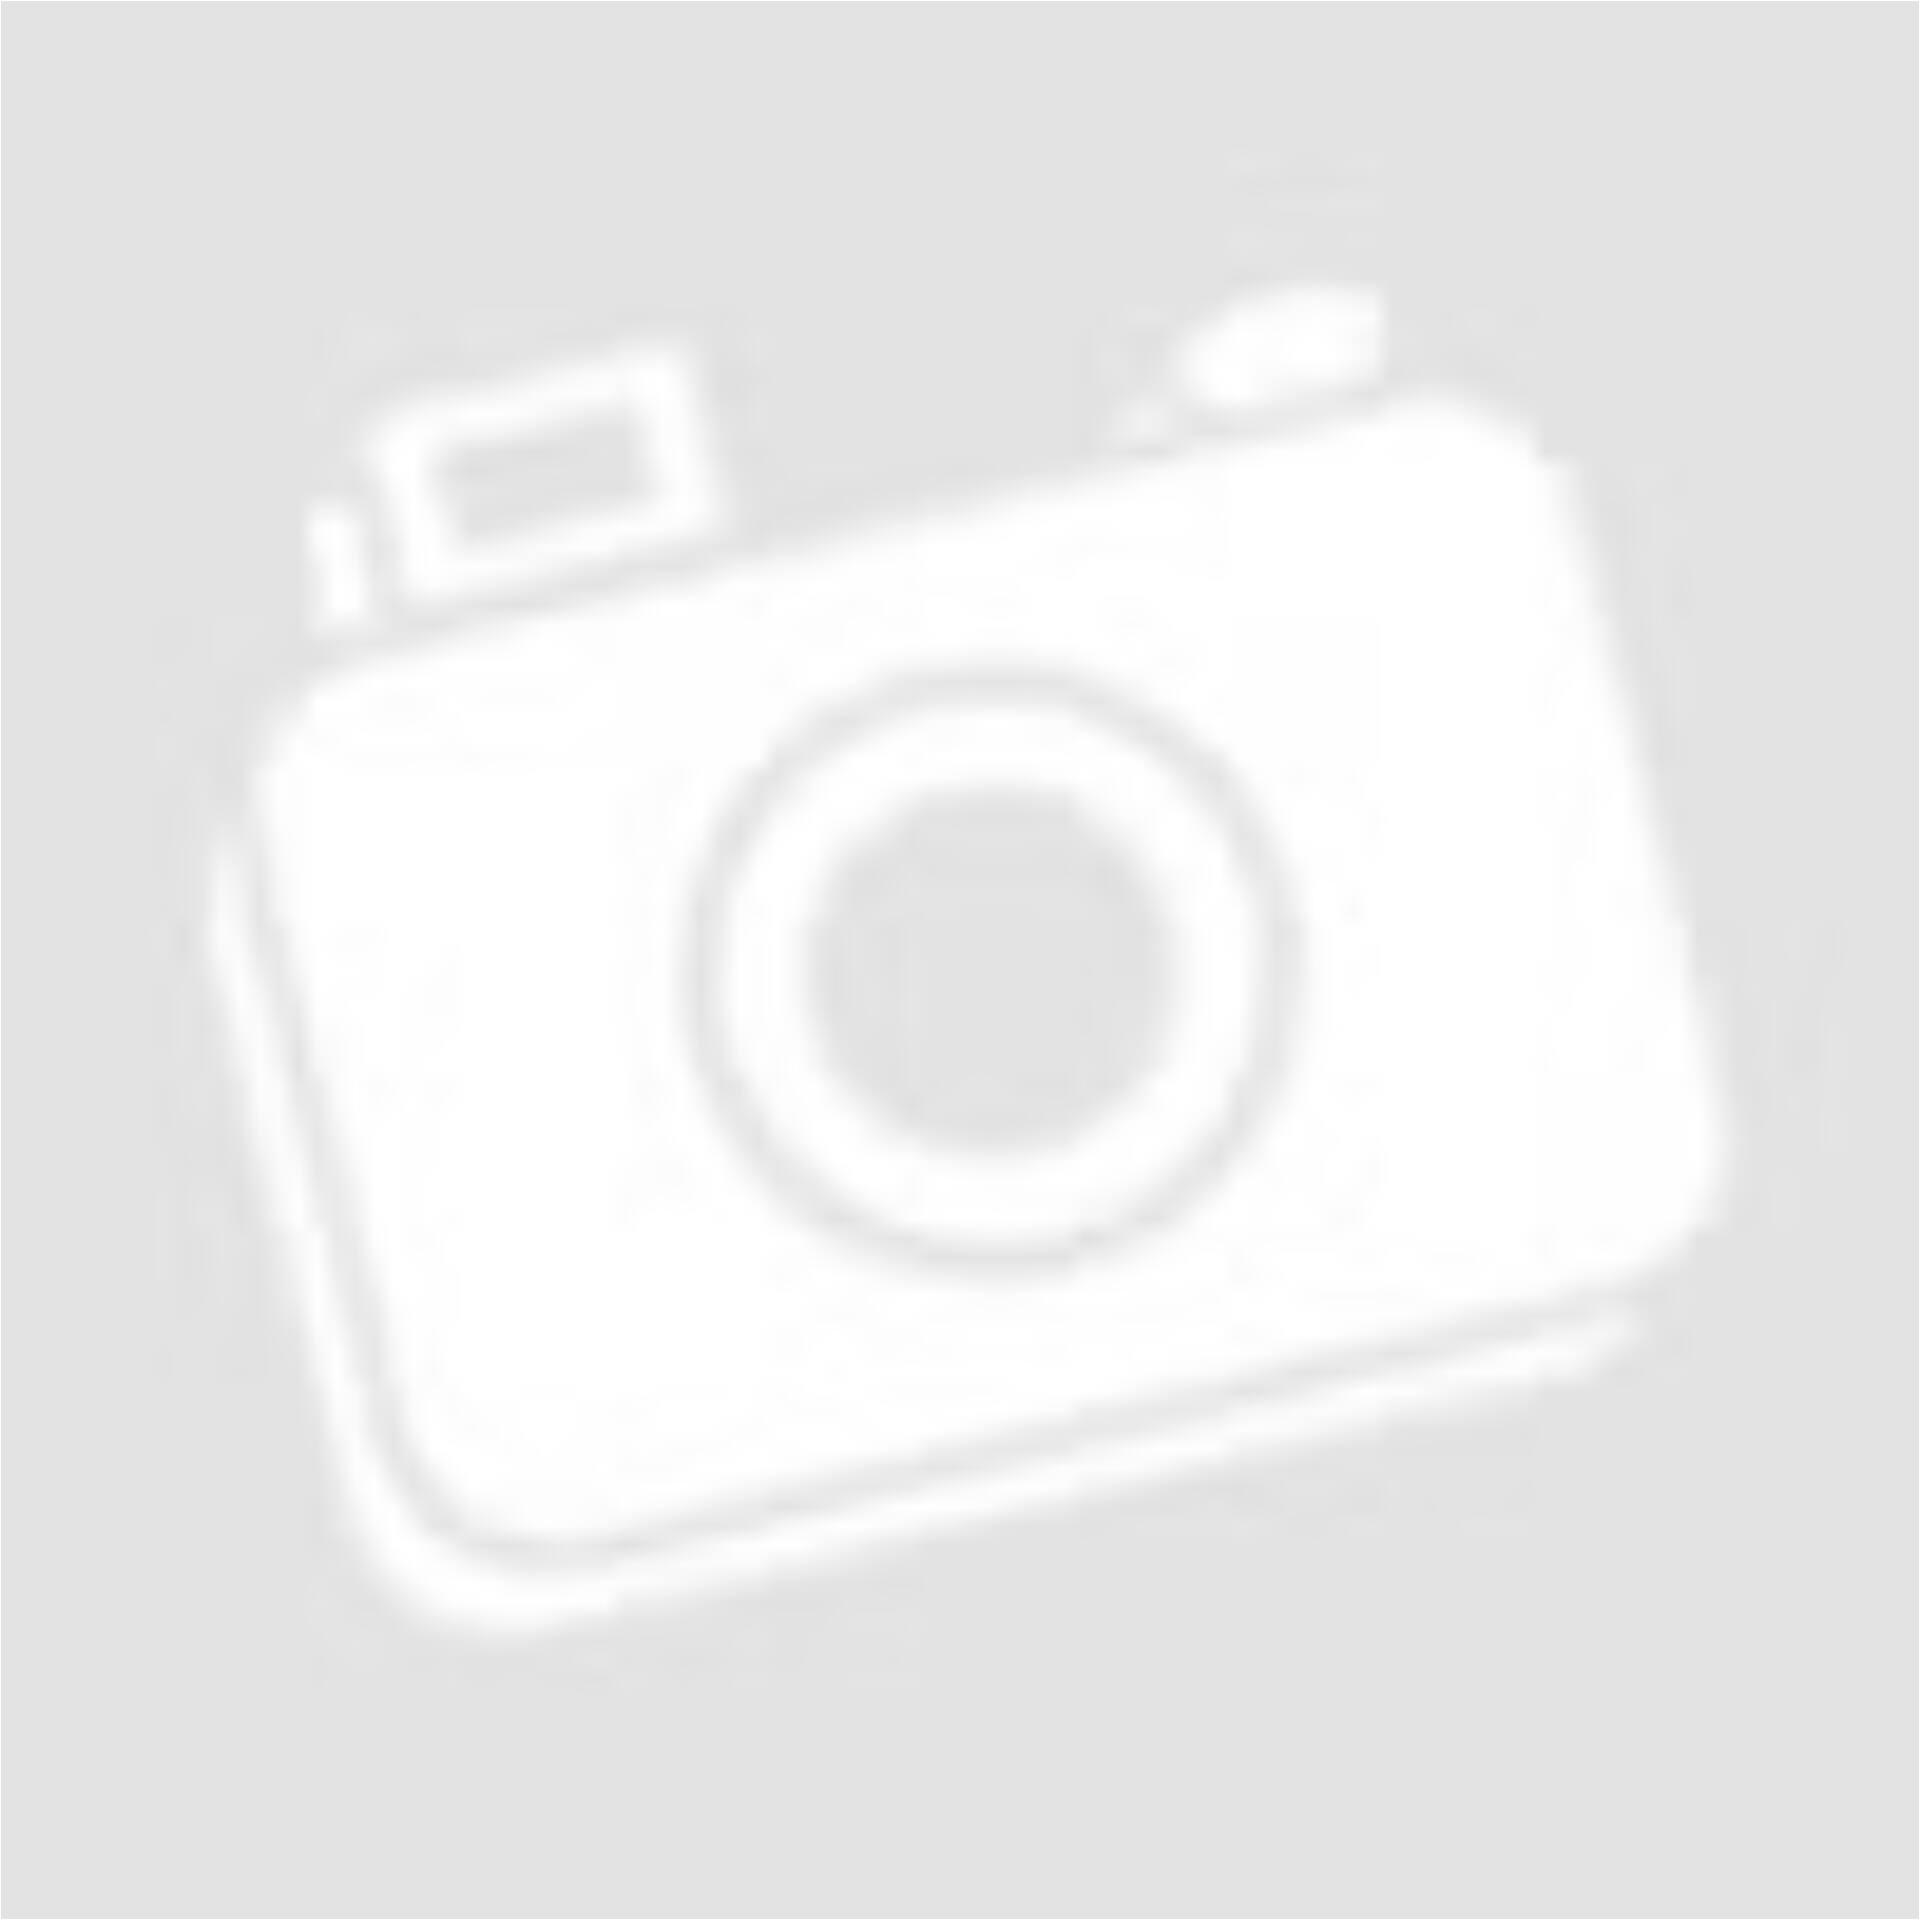 e05b287da3 Barna színű divatos papucs(Méret: 38) - Szandál, papucs, mamusz - Öltözz ki  webáruház - Új és Használtruha webshop